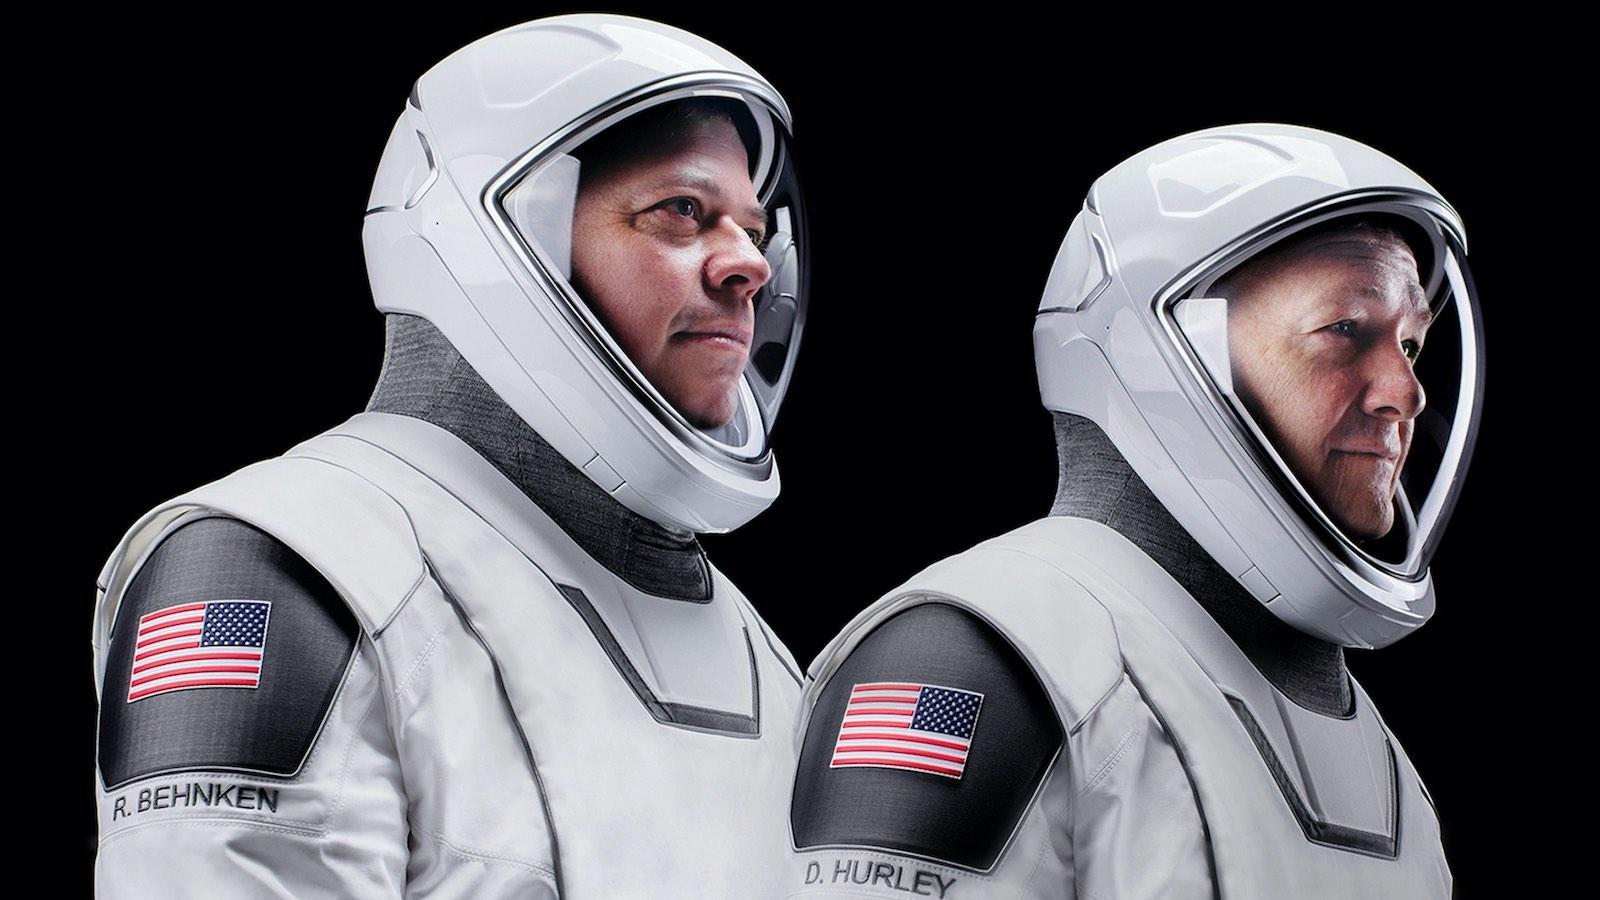 Los trajes espaciales usados por los astronautas para la misión NASA SpaceX 2020: Crew Dragon han recibido mucha atención.